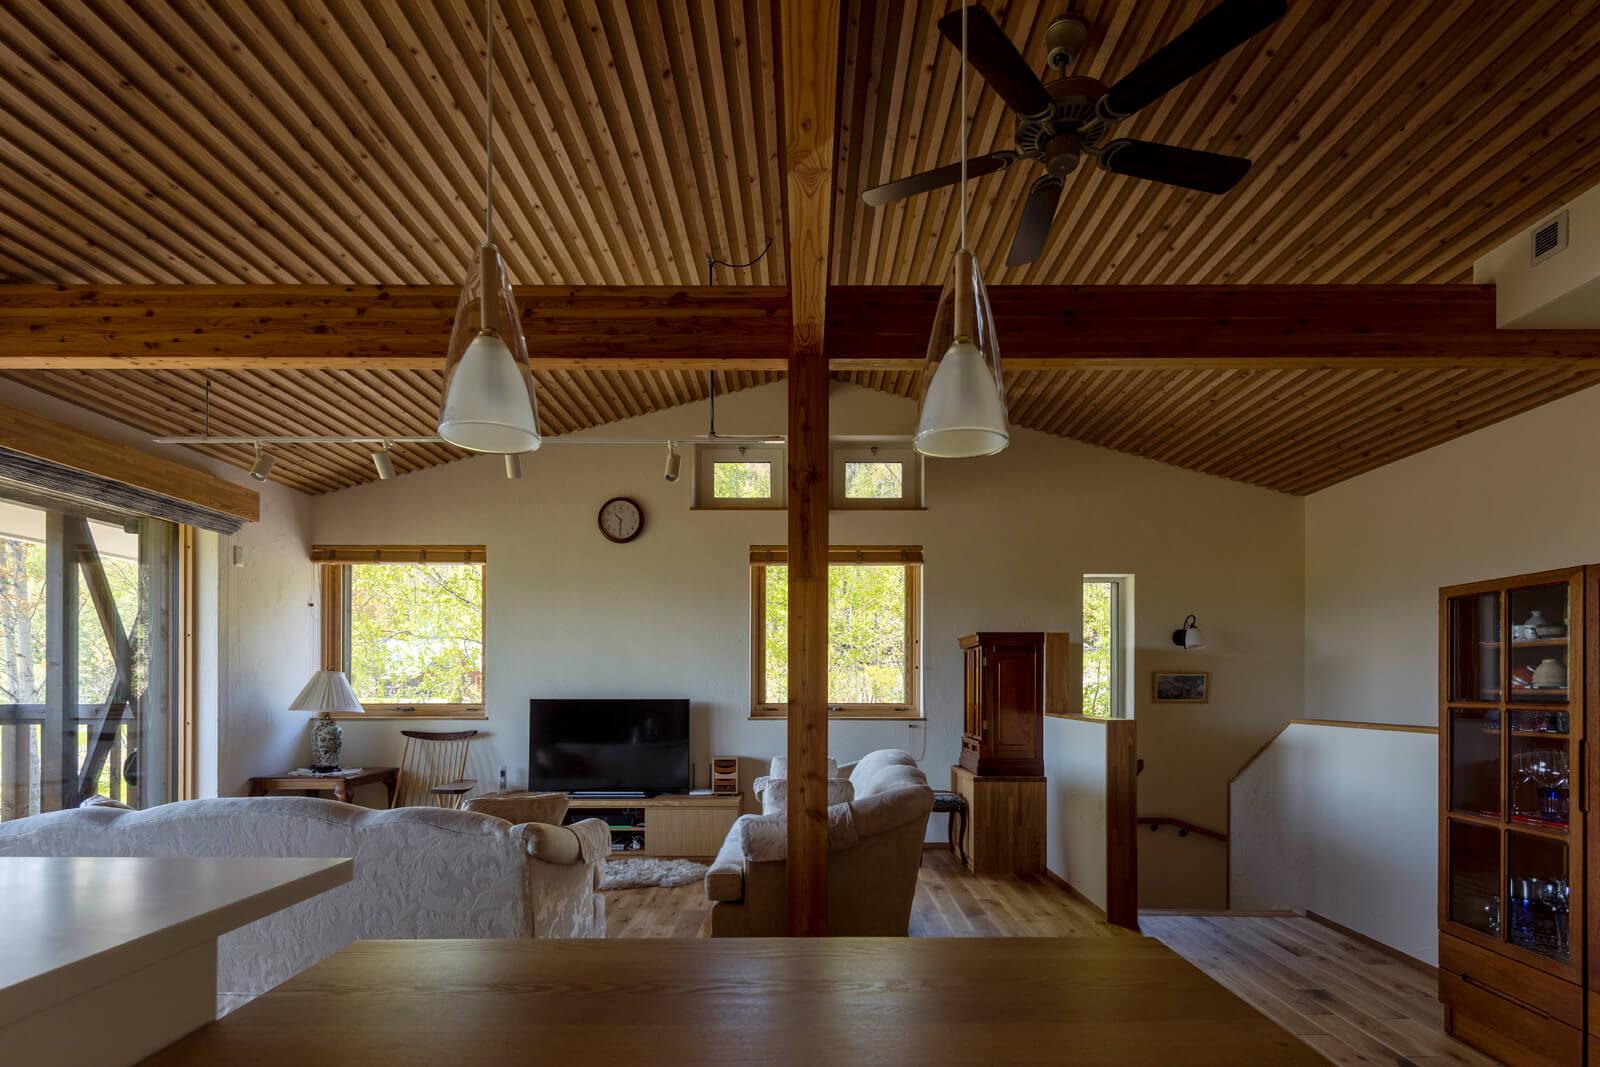 屋根なり天井と随所に設けた開口が開放的な雰囲気を演出する2階リビング。正面上部は、夏も涼しく過ごせるように設けた高所排熱窓